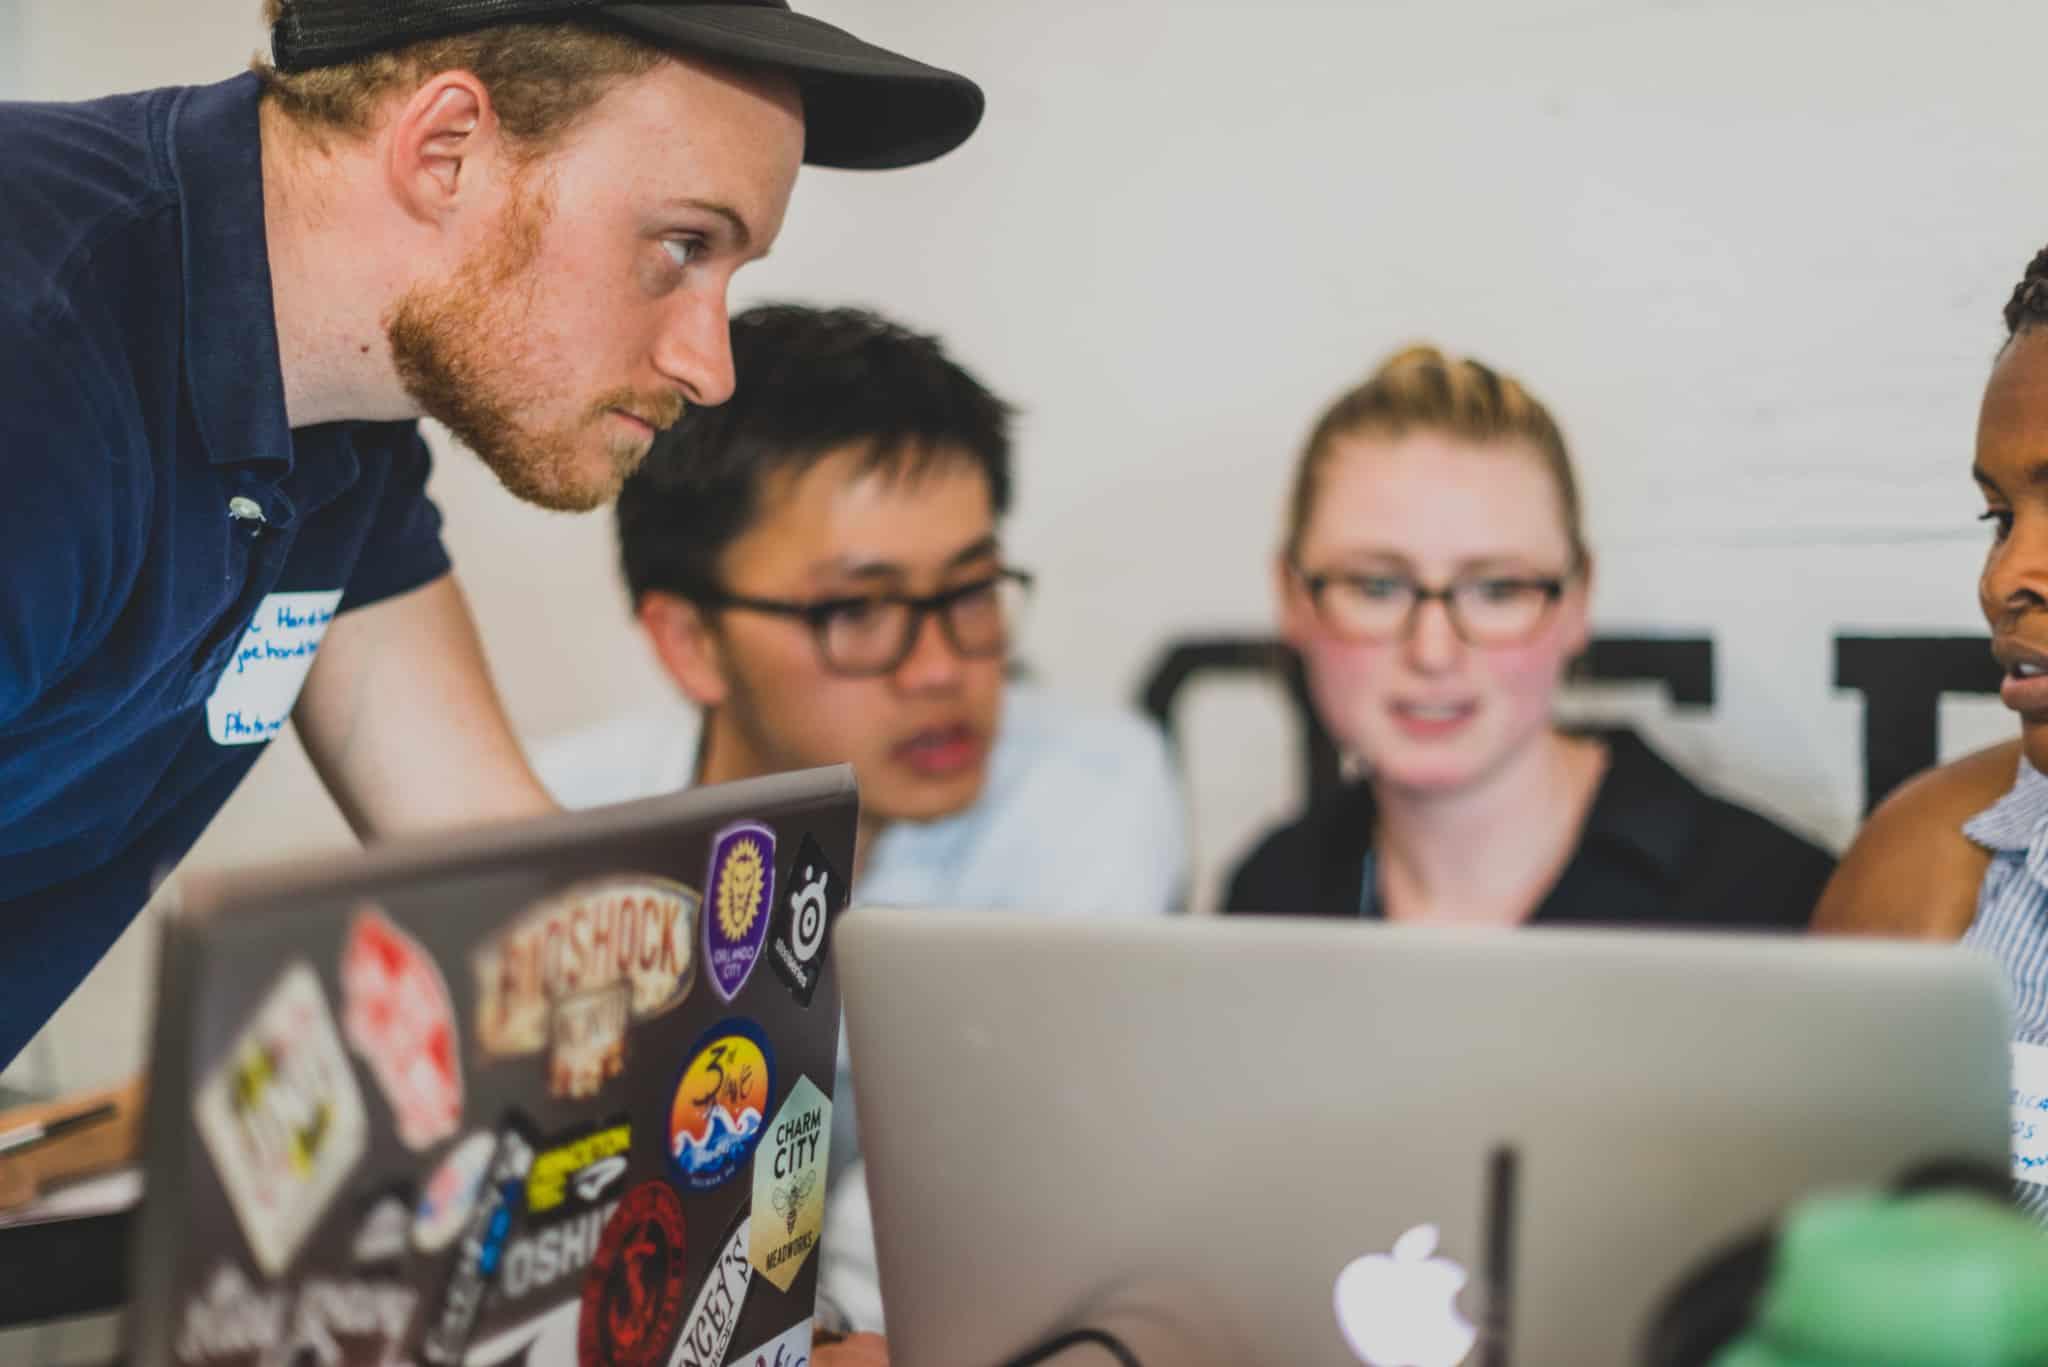 grupo de jovens, dois homens e uma mulher, trocam experiências em networking profissional